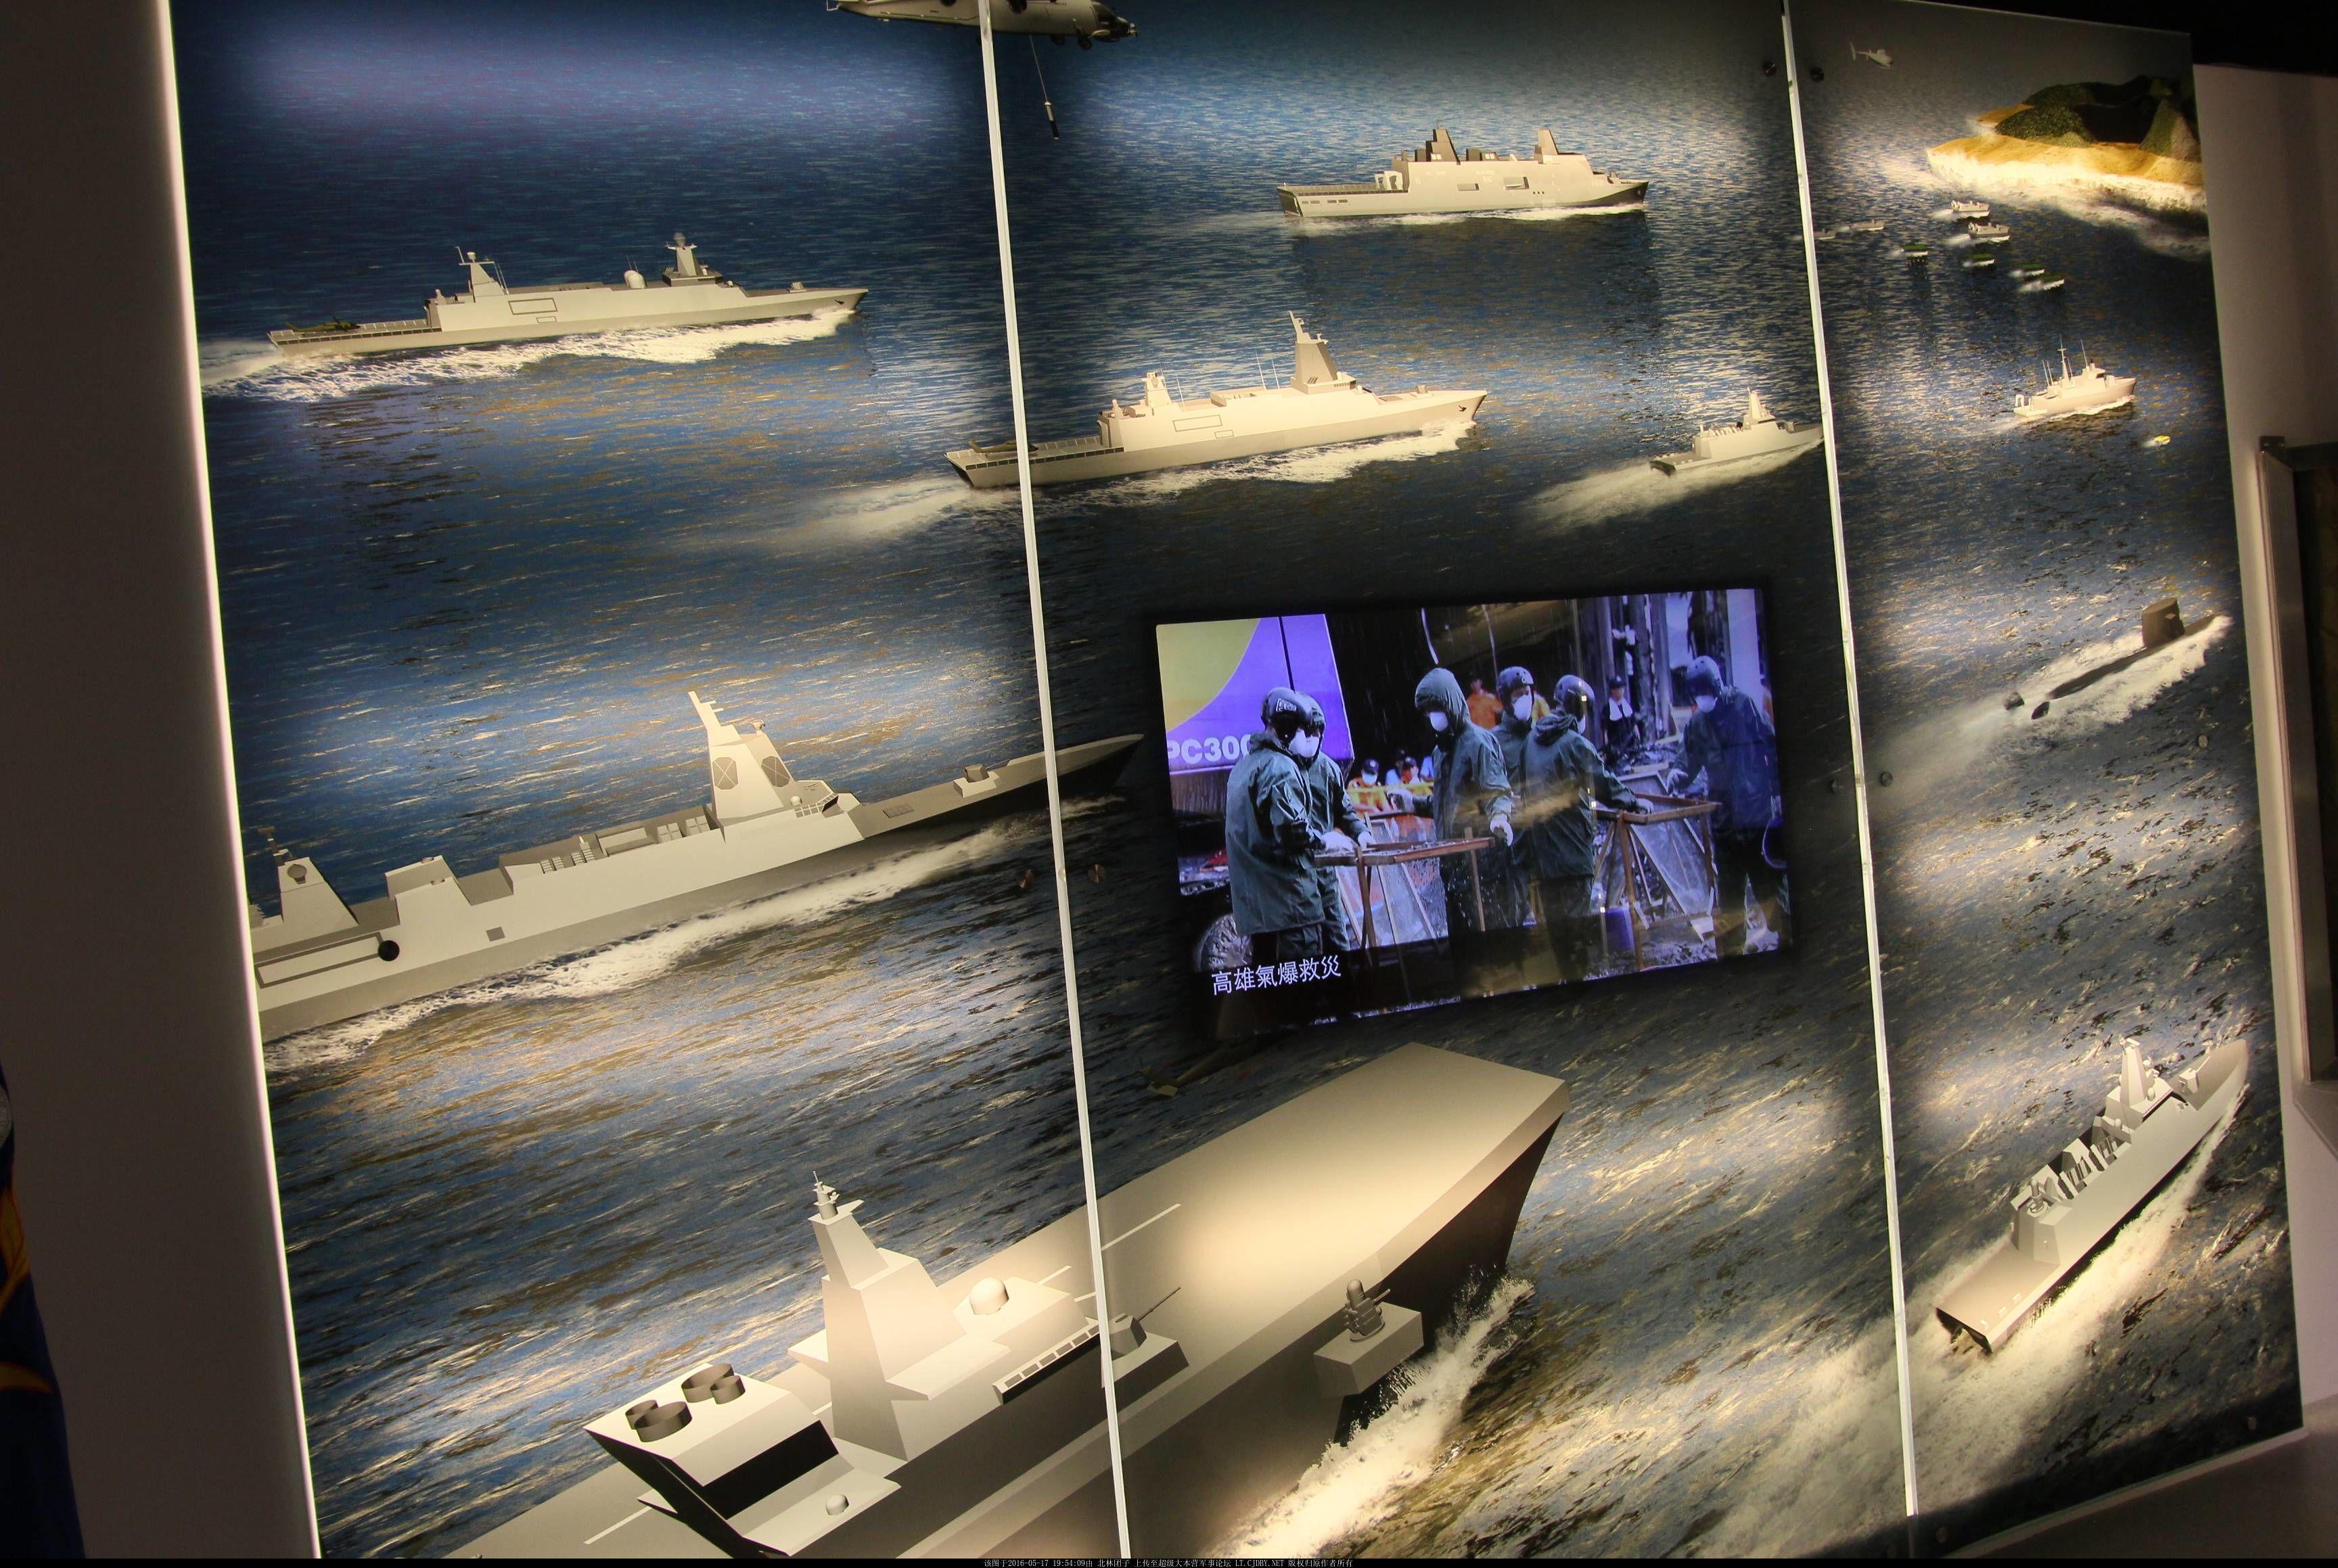 台军建造猎雷舰竟碰上诈骗集团,150亿或打水漂